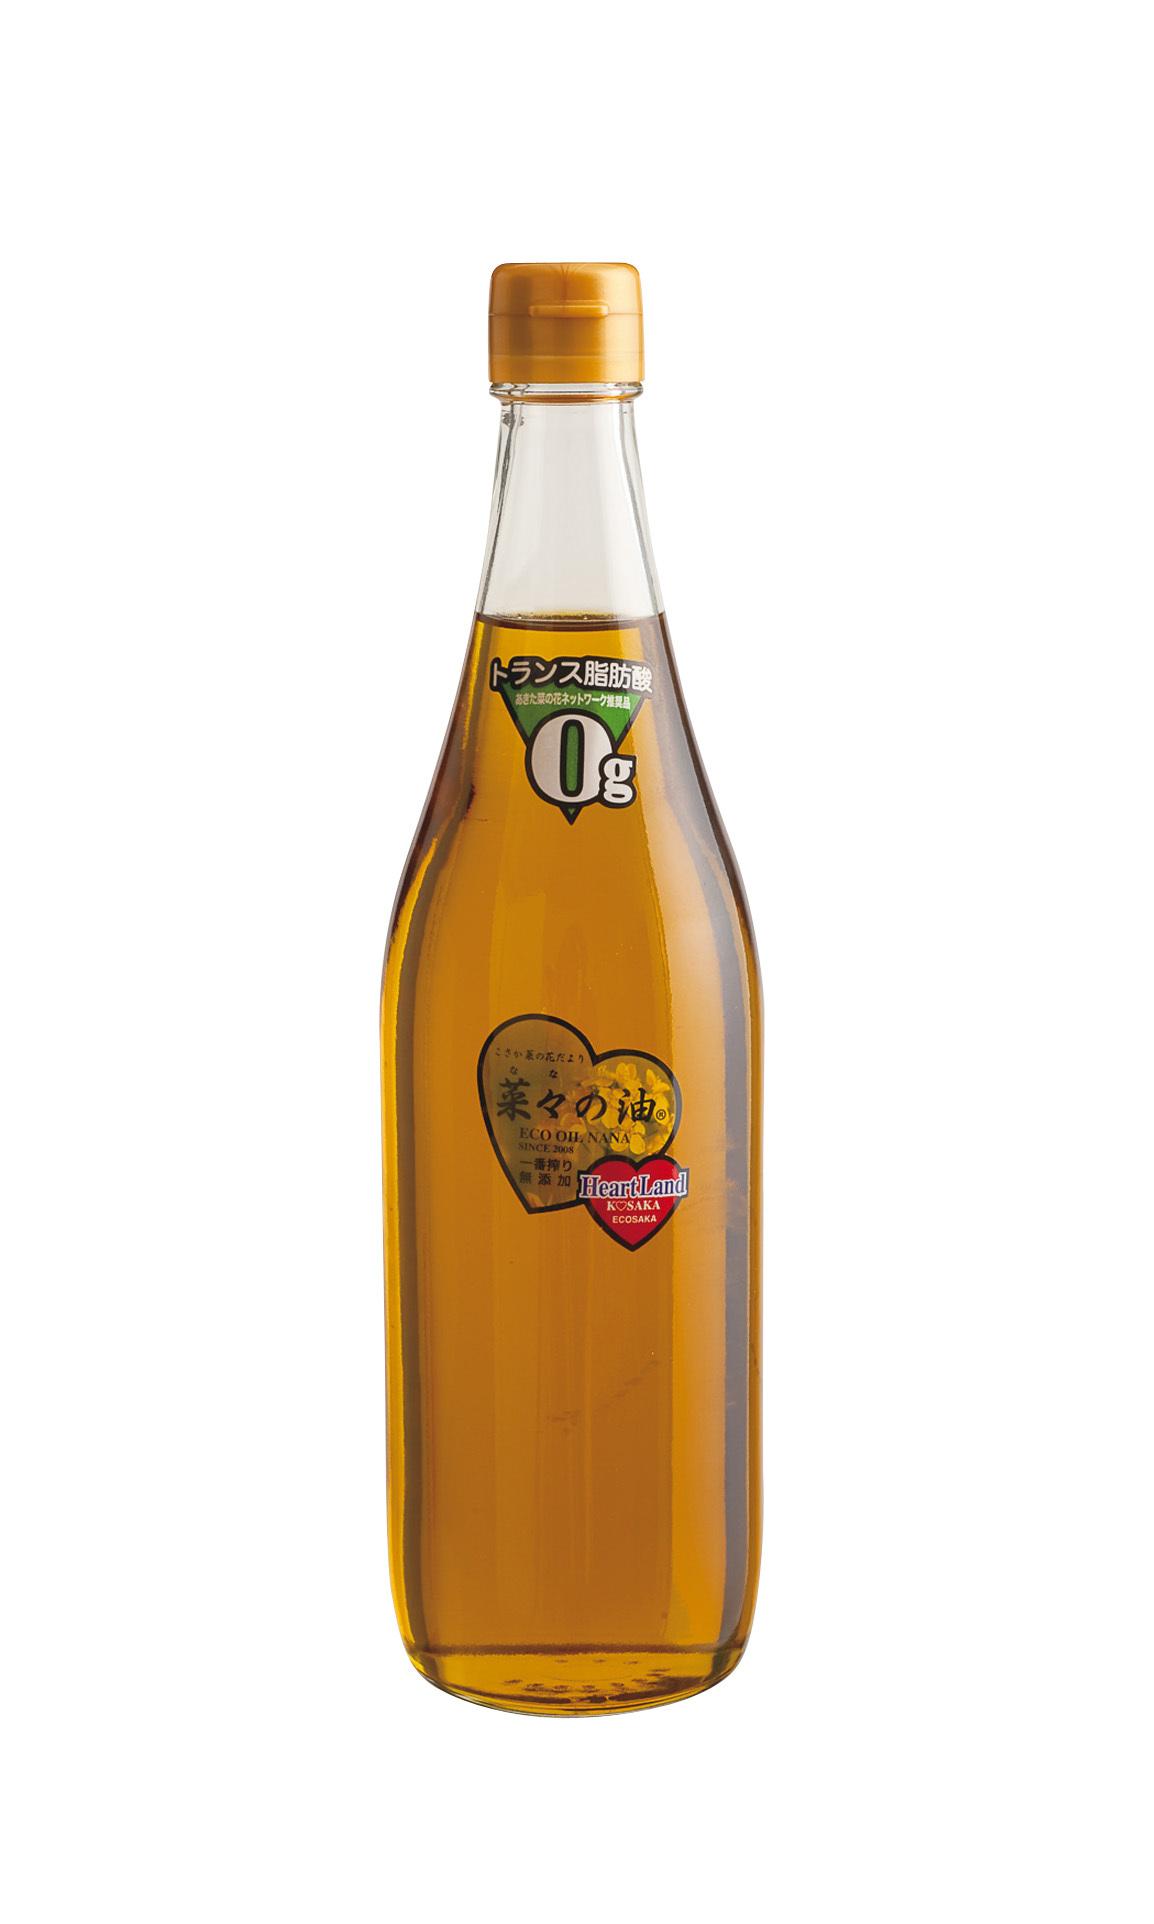 一番絞りの菜種油 エコサカの「菜々の油」_1_1